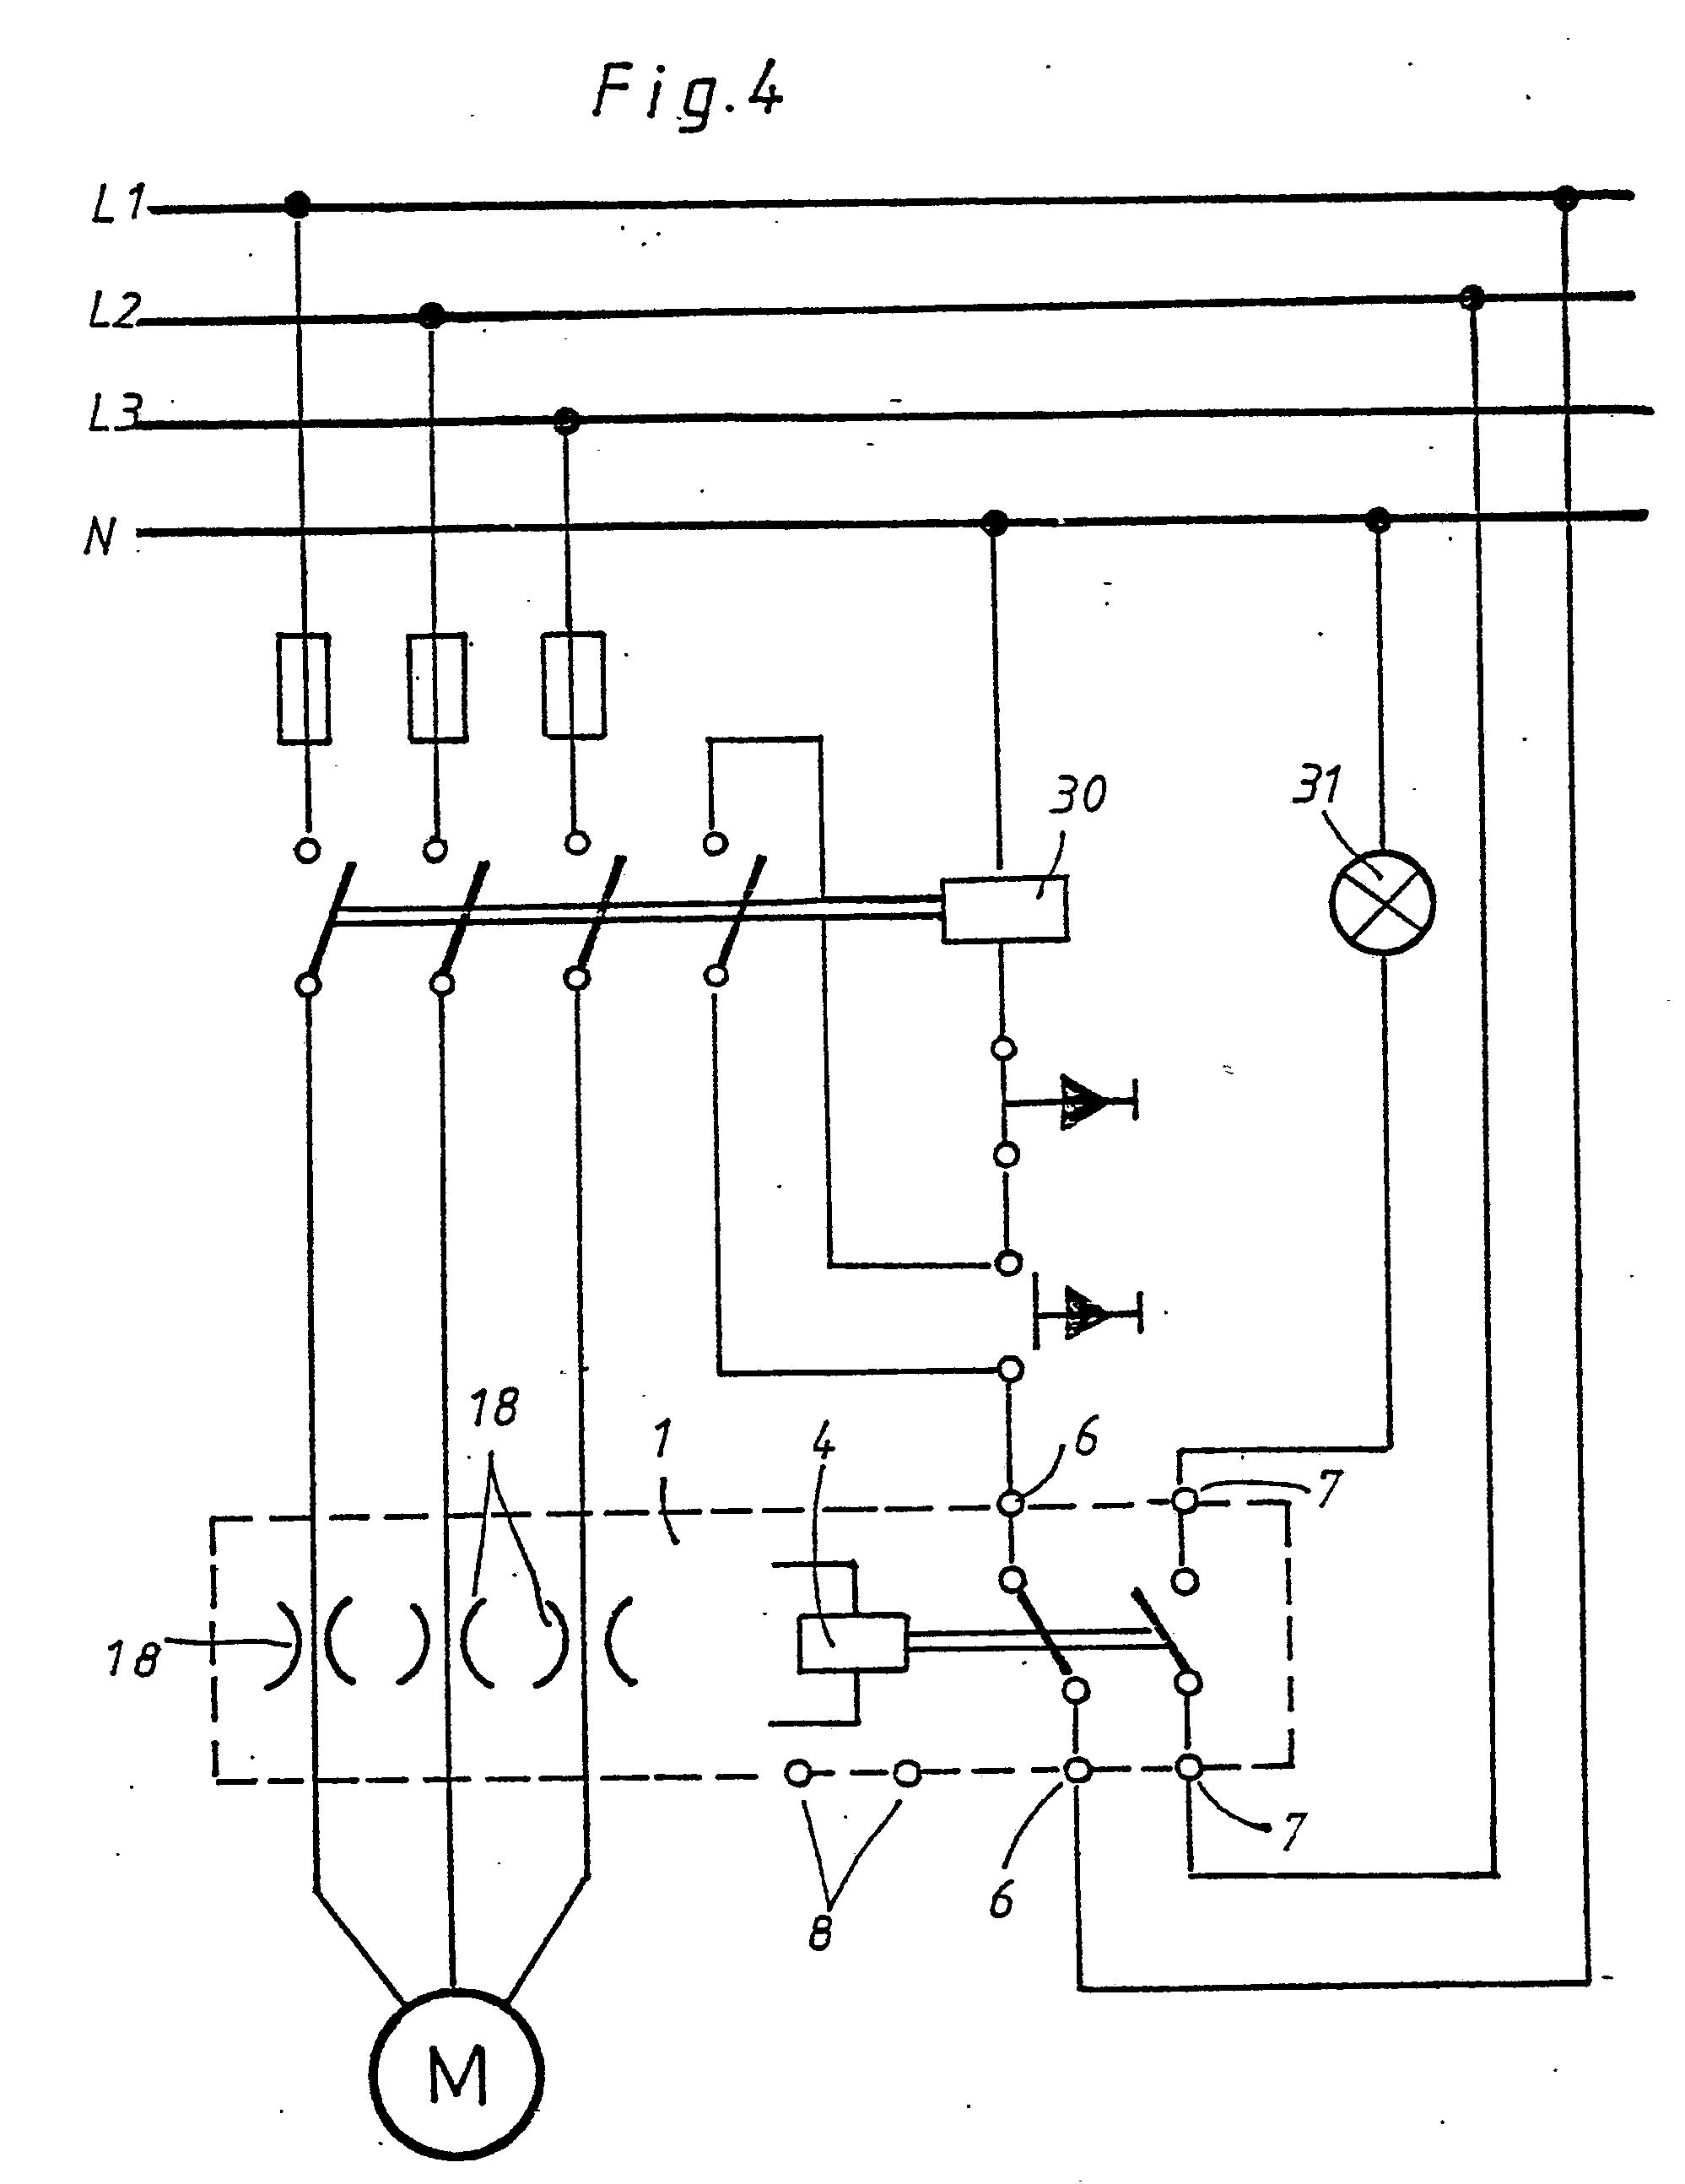 Ziemlich Epo Schaltplan Zeitgenössisch - Schaltplan Serie Circuit ...